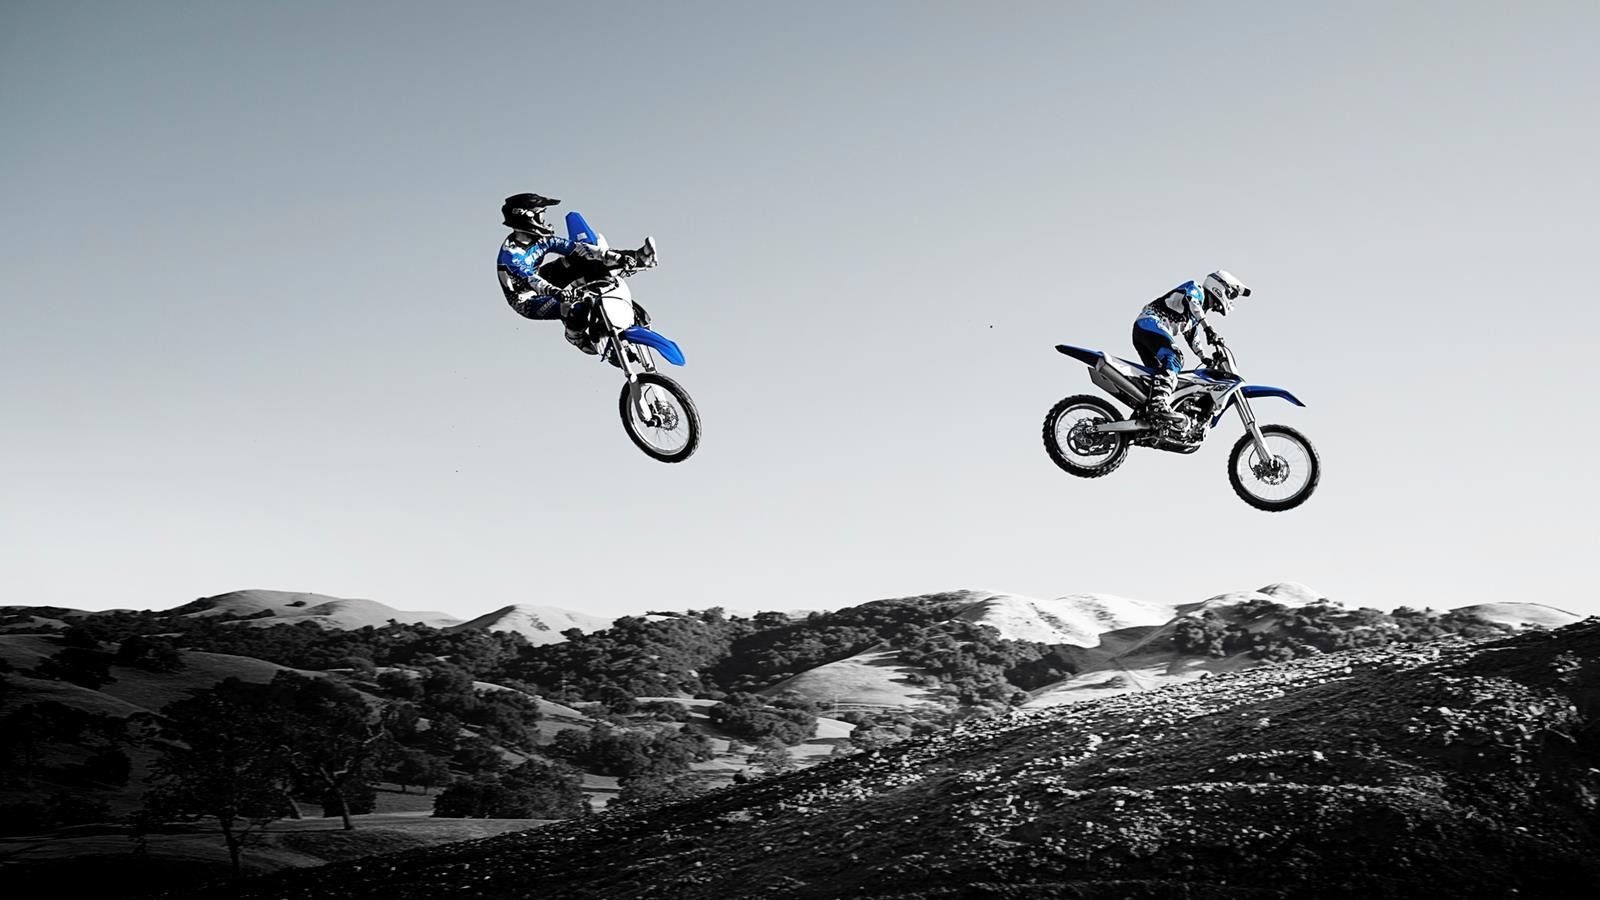 Ktm Motocross Wallpaper Hd 20 Fonds D 233 Cran Et Wallpapers De Moto La Poign 233 E Dans L